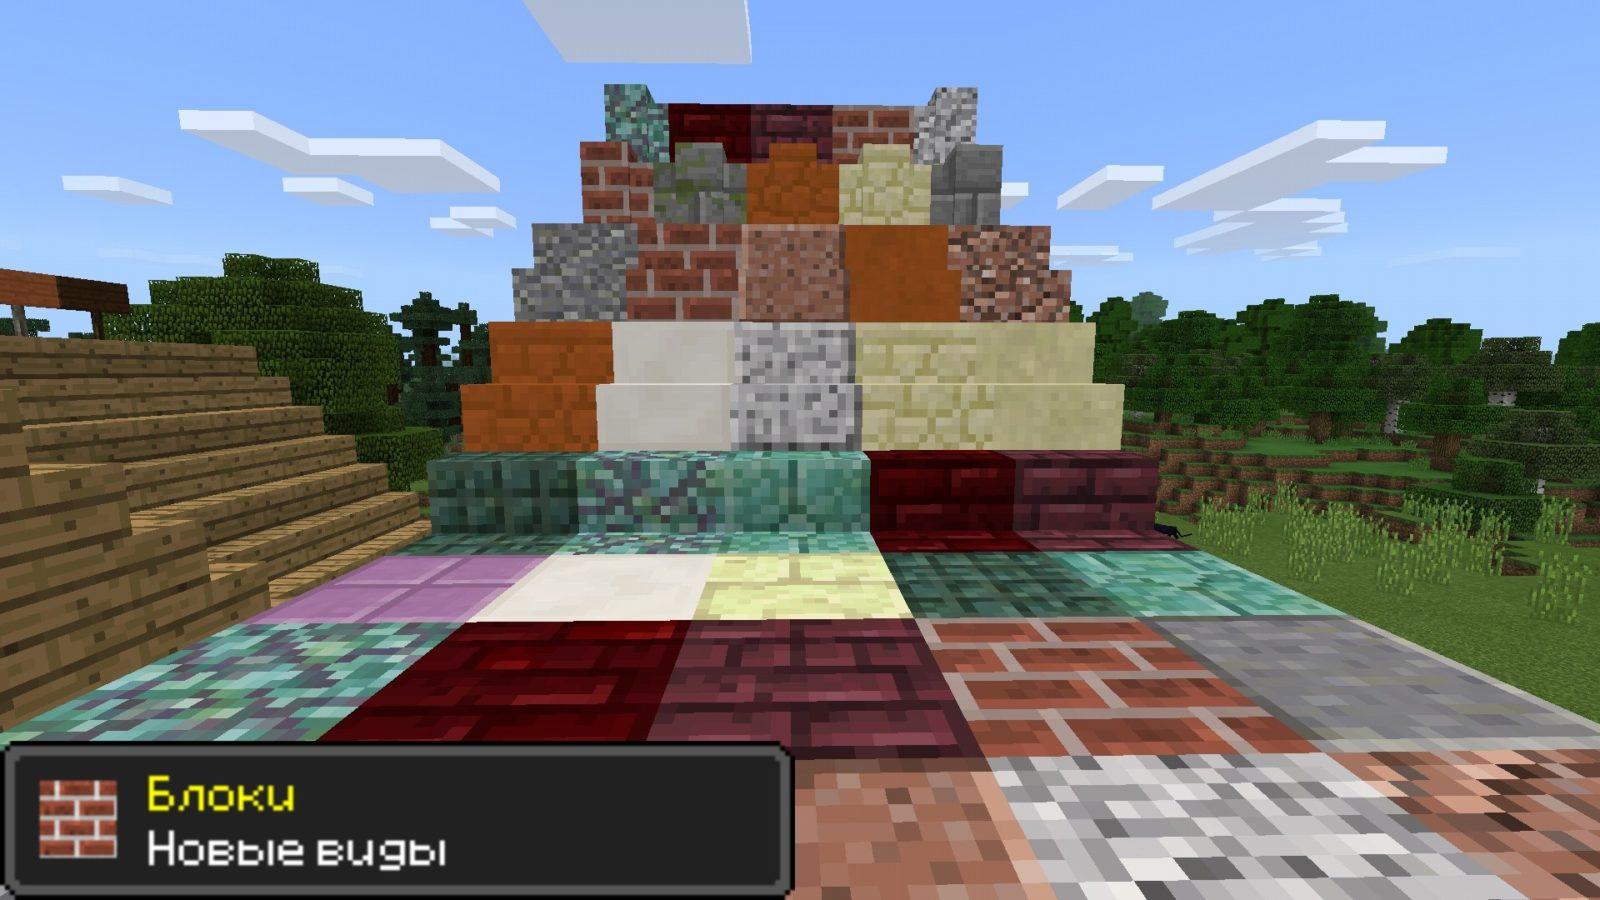 Decorativniye bloki v Minecraft PE 1.9.0